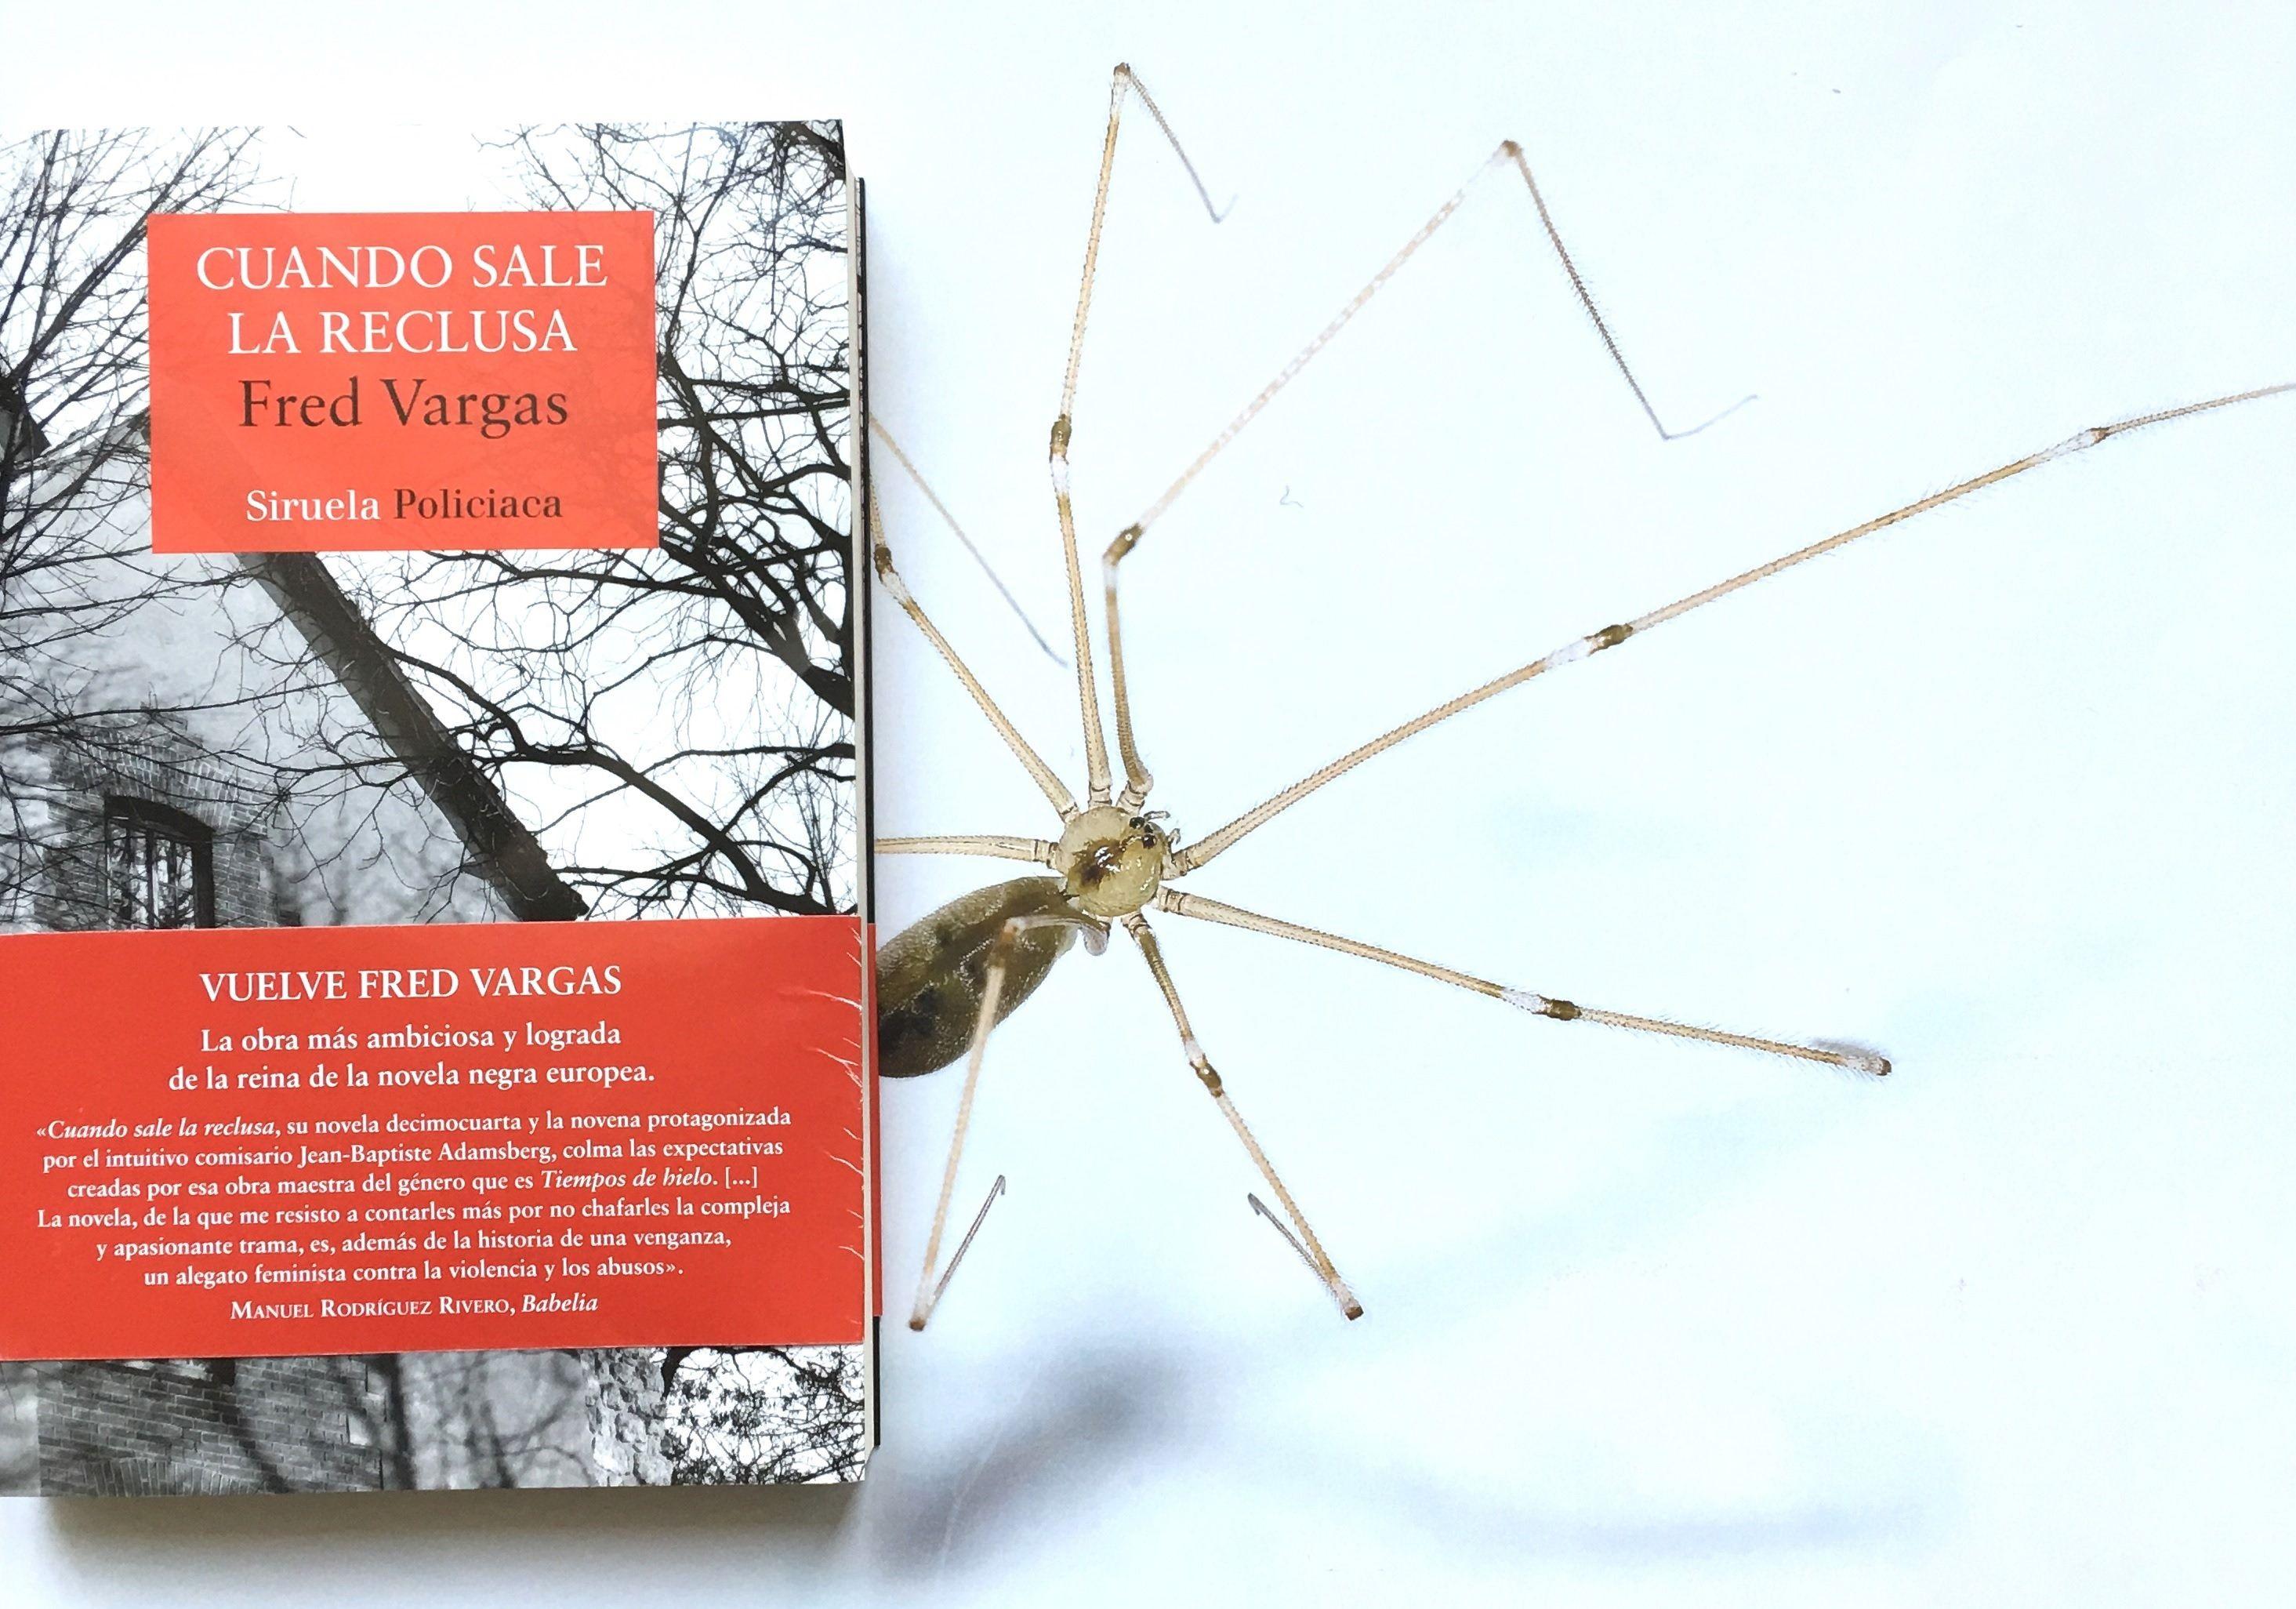 libro Cuando sale la reclusa, de Fred Vargas